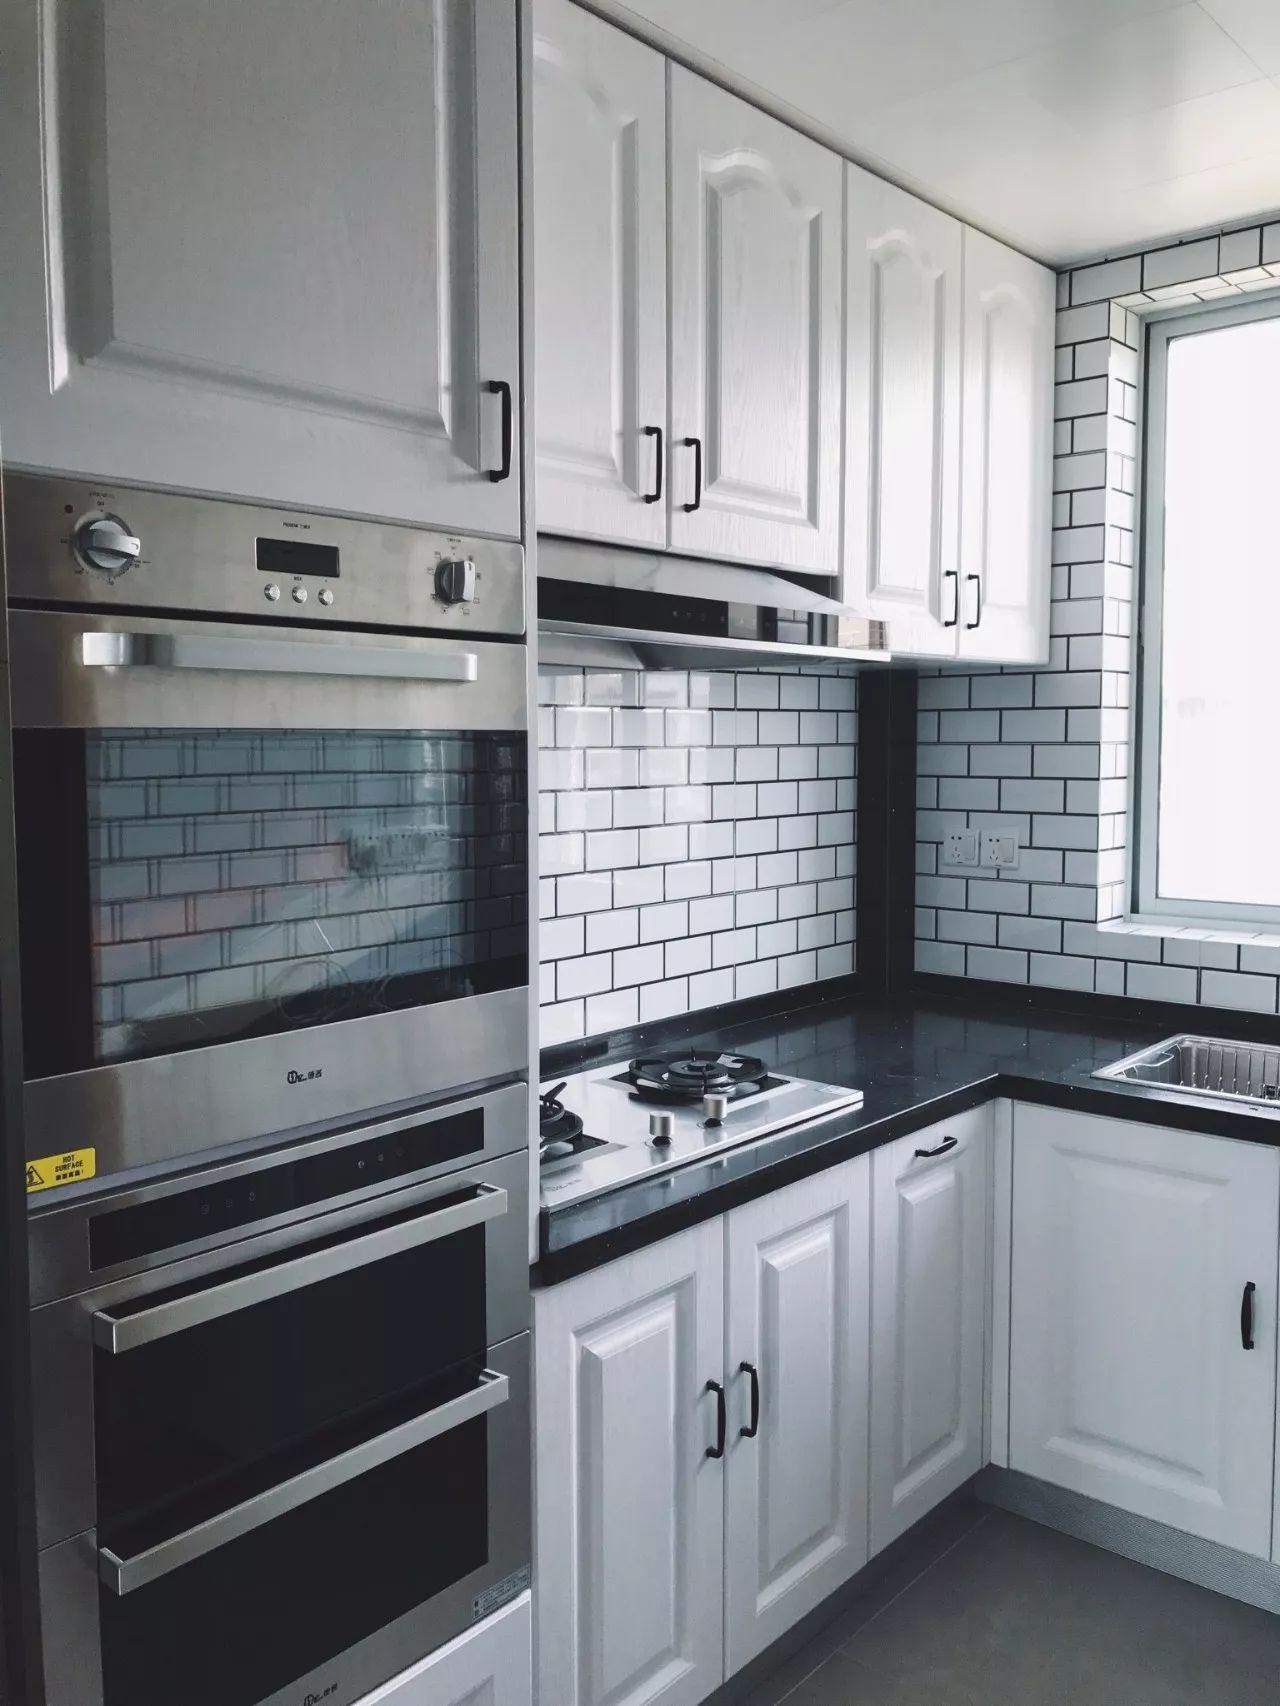 21 22 在于欧式的厨房中,以金属 陶瓷组合的欧式拉手就是欧美风厨房里